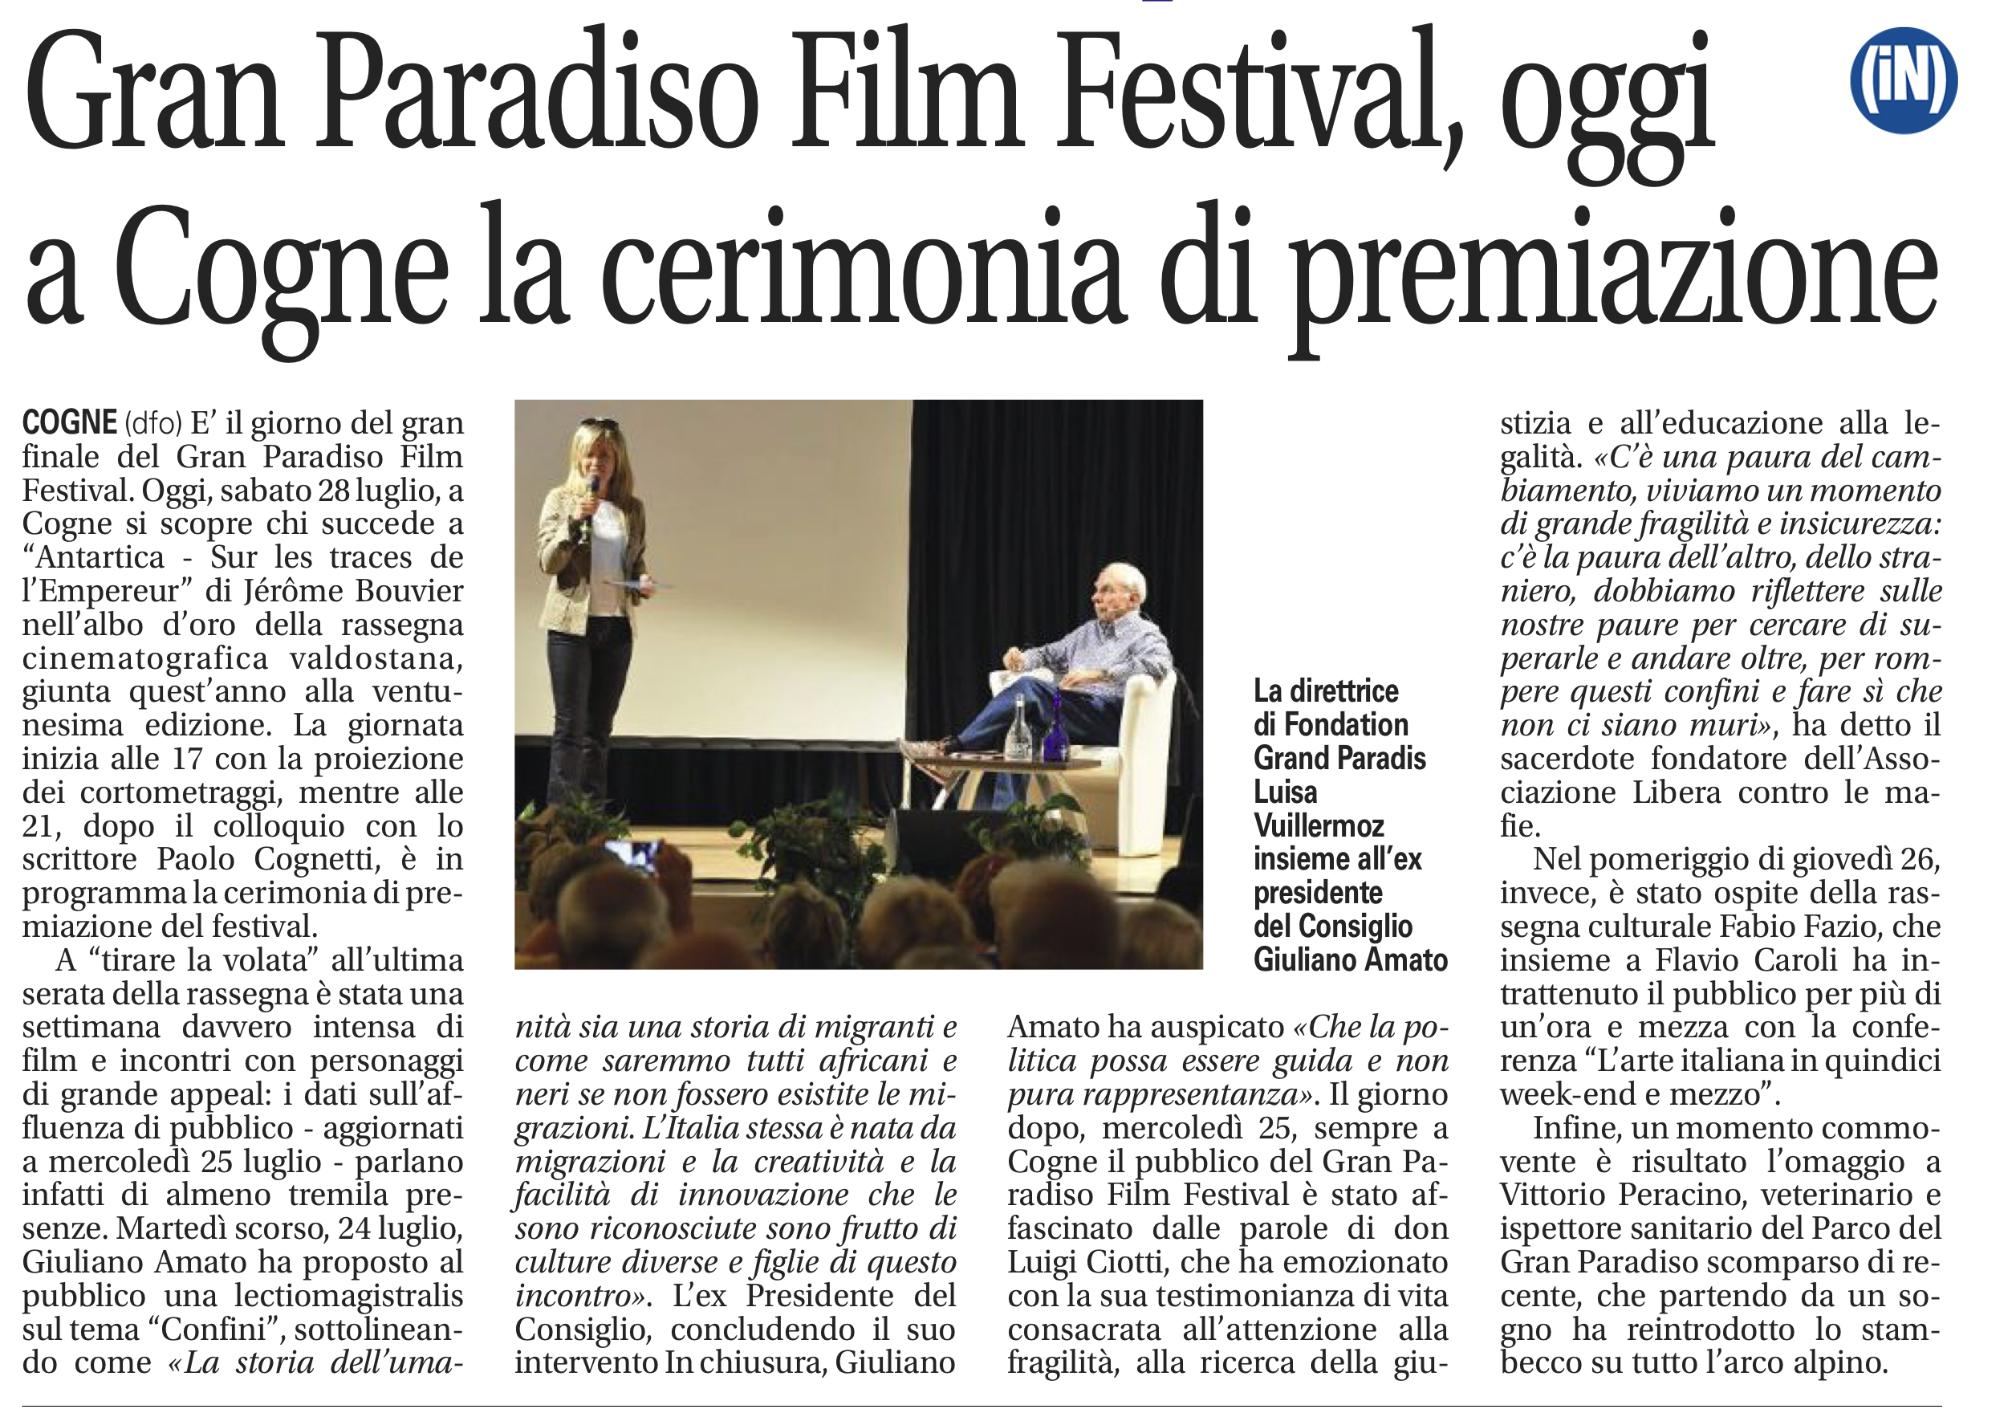 2018-07-28-La-Vallee-Notizie--Gran-Paradiso-Film-Festival-oggi-a-cognela-cerimonia-di-premiazione